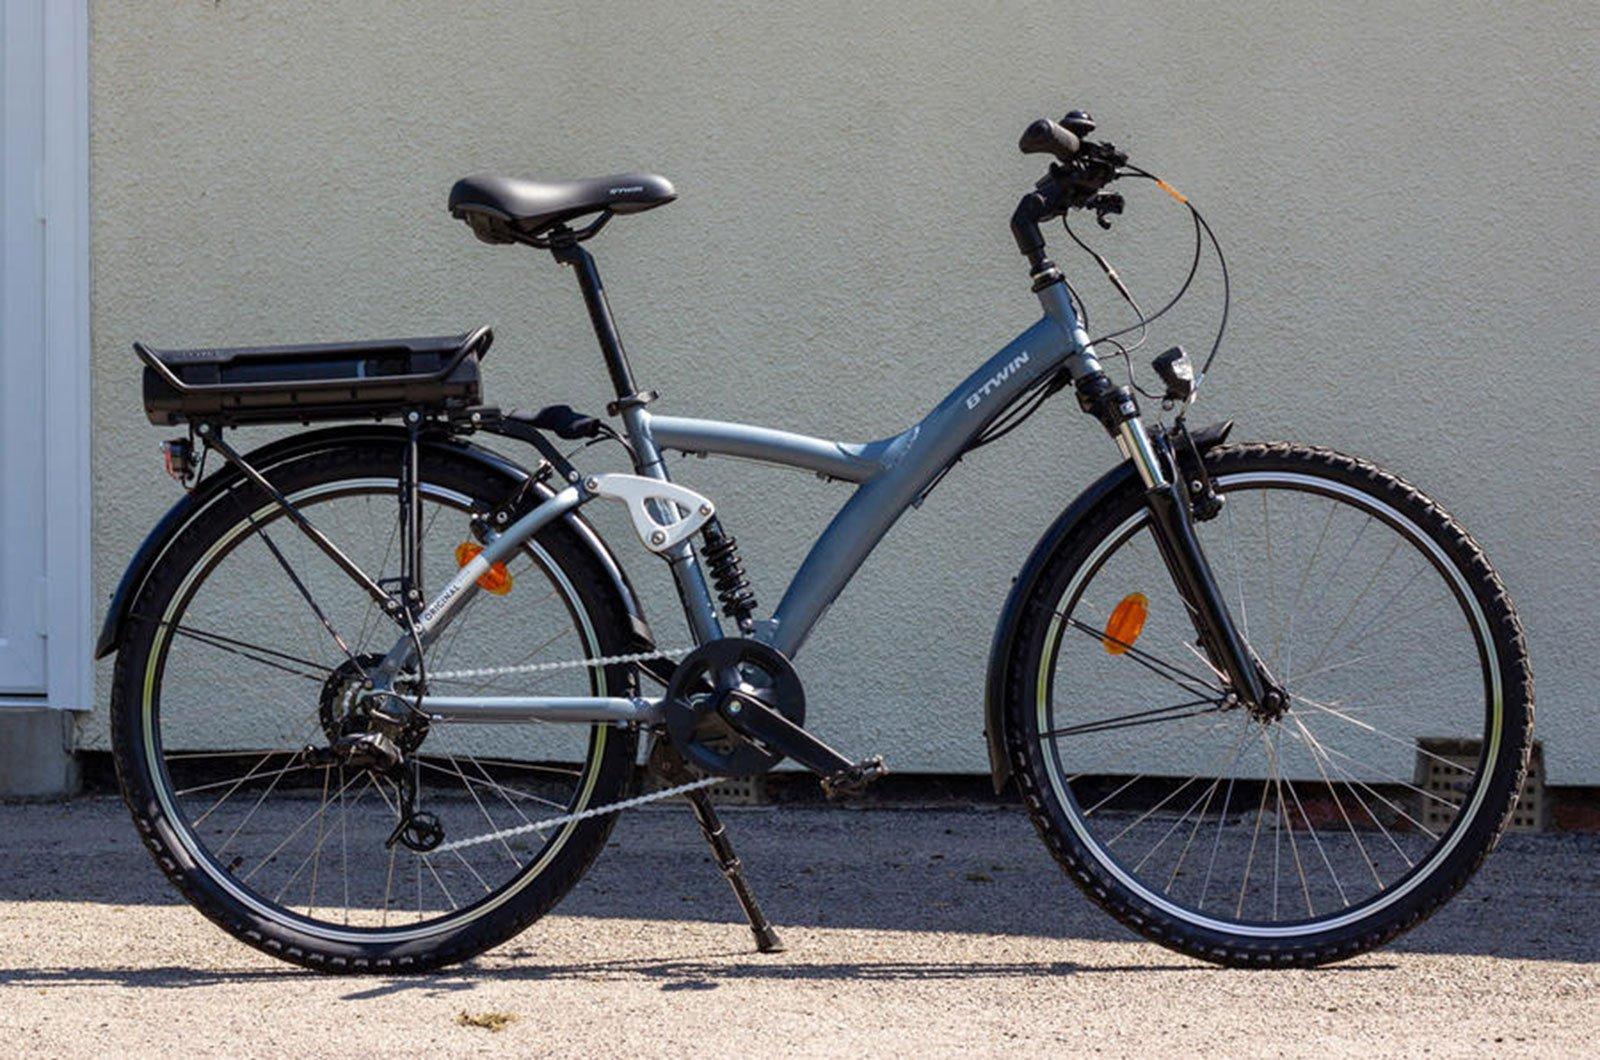 e-bike side 2021